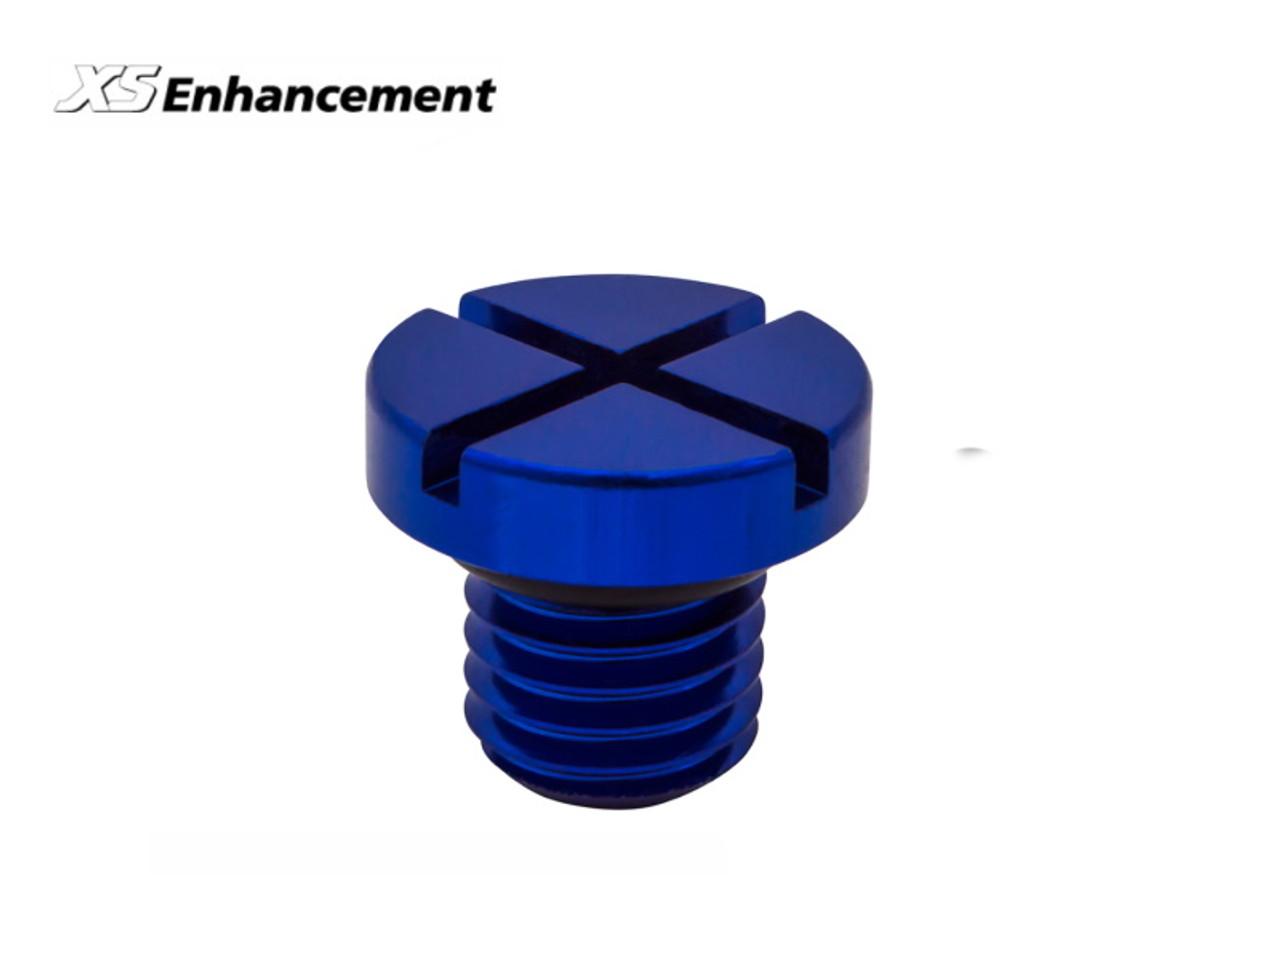 XS Enhancement Blue 21mm Bleed Screw - LR055301BLUE